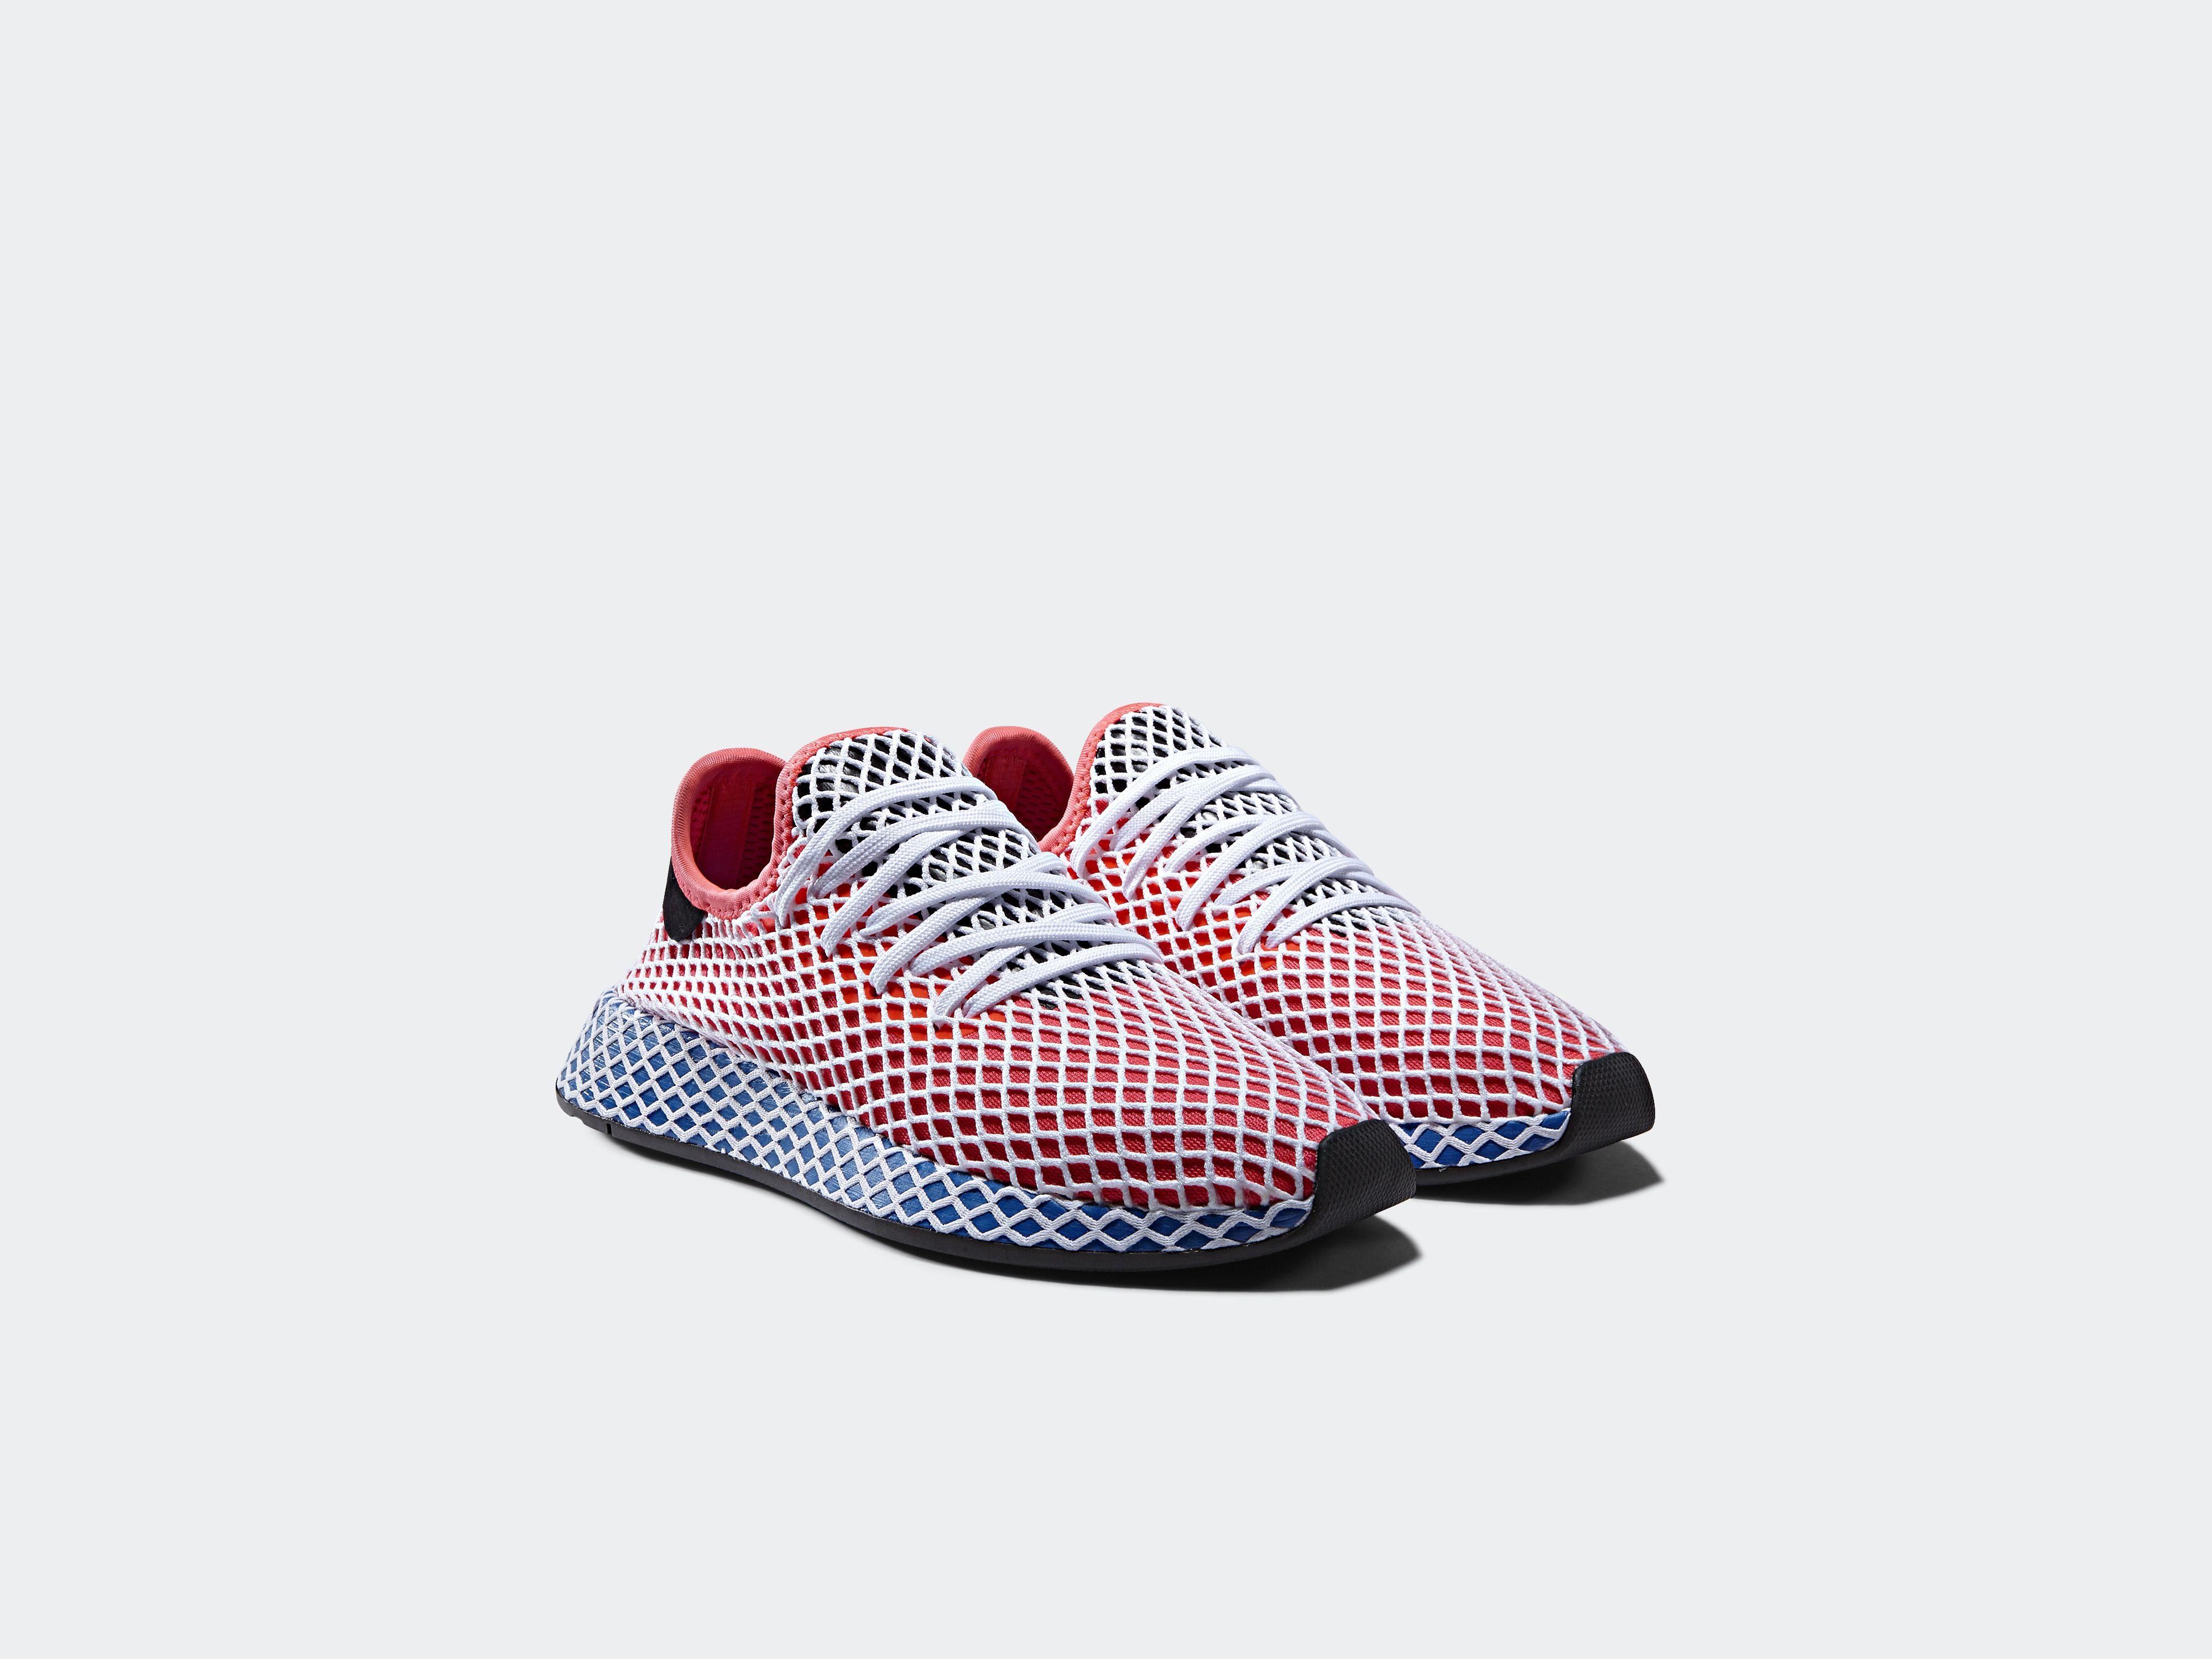 adidas zapatillas deerupt